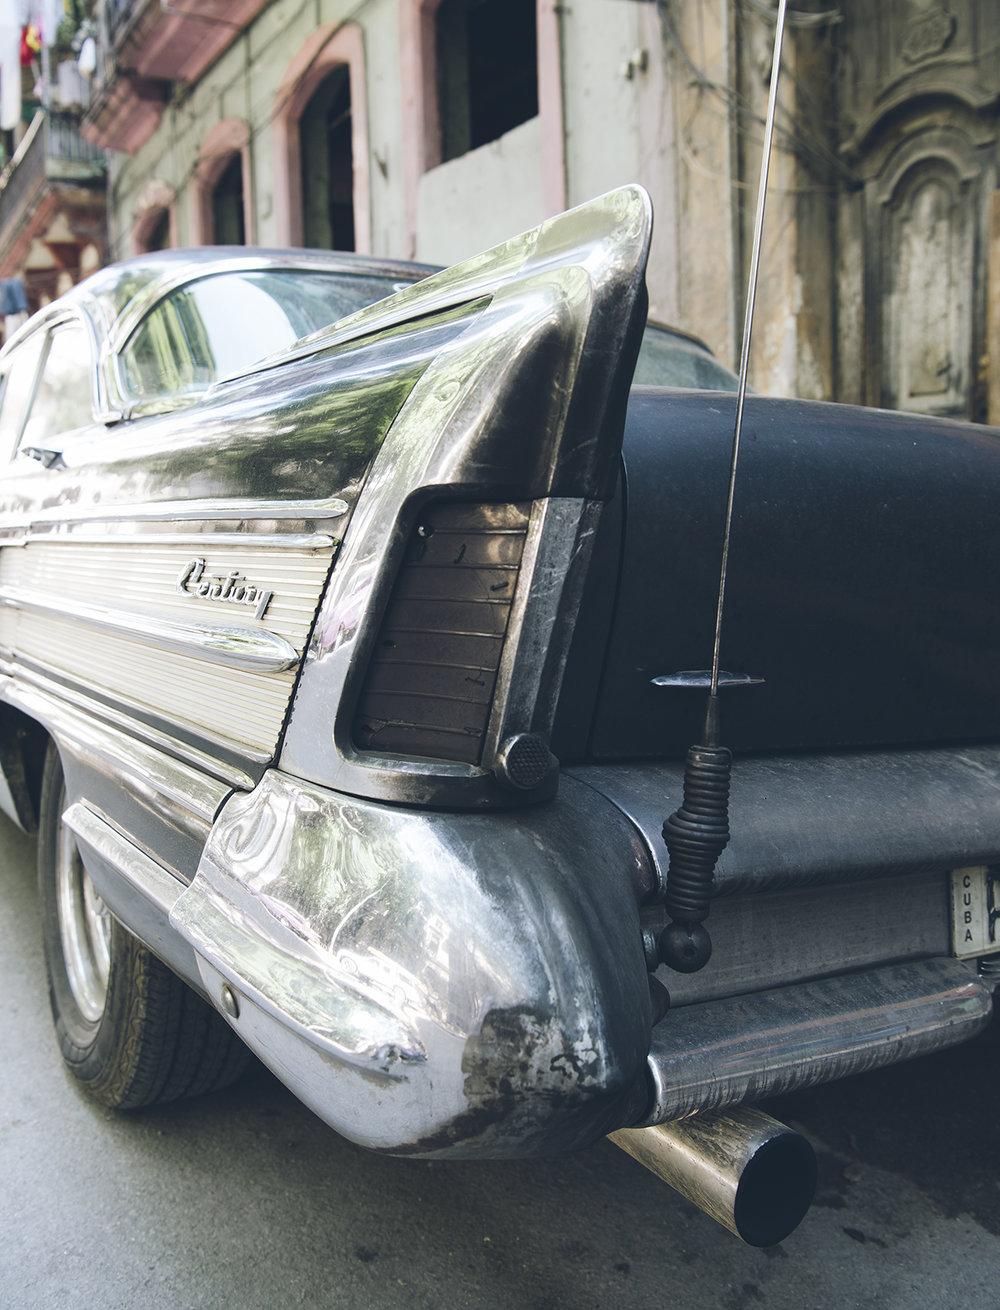 1958 Buick Century tail fin.